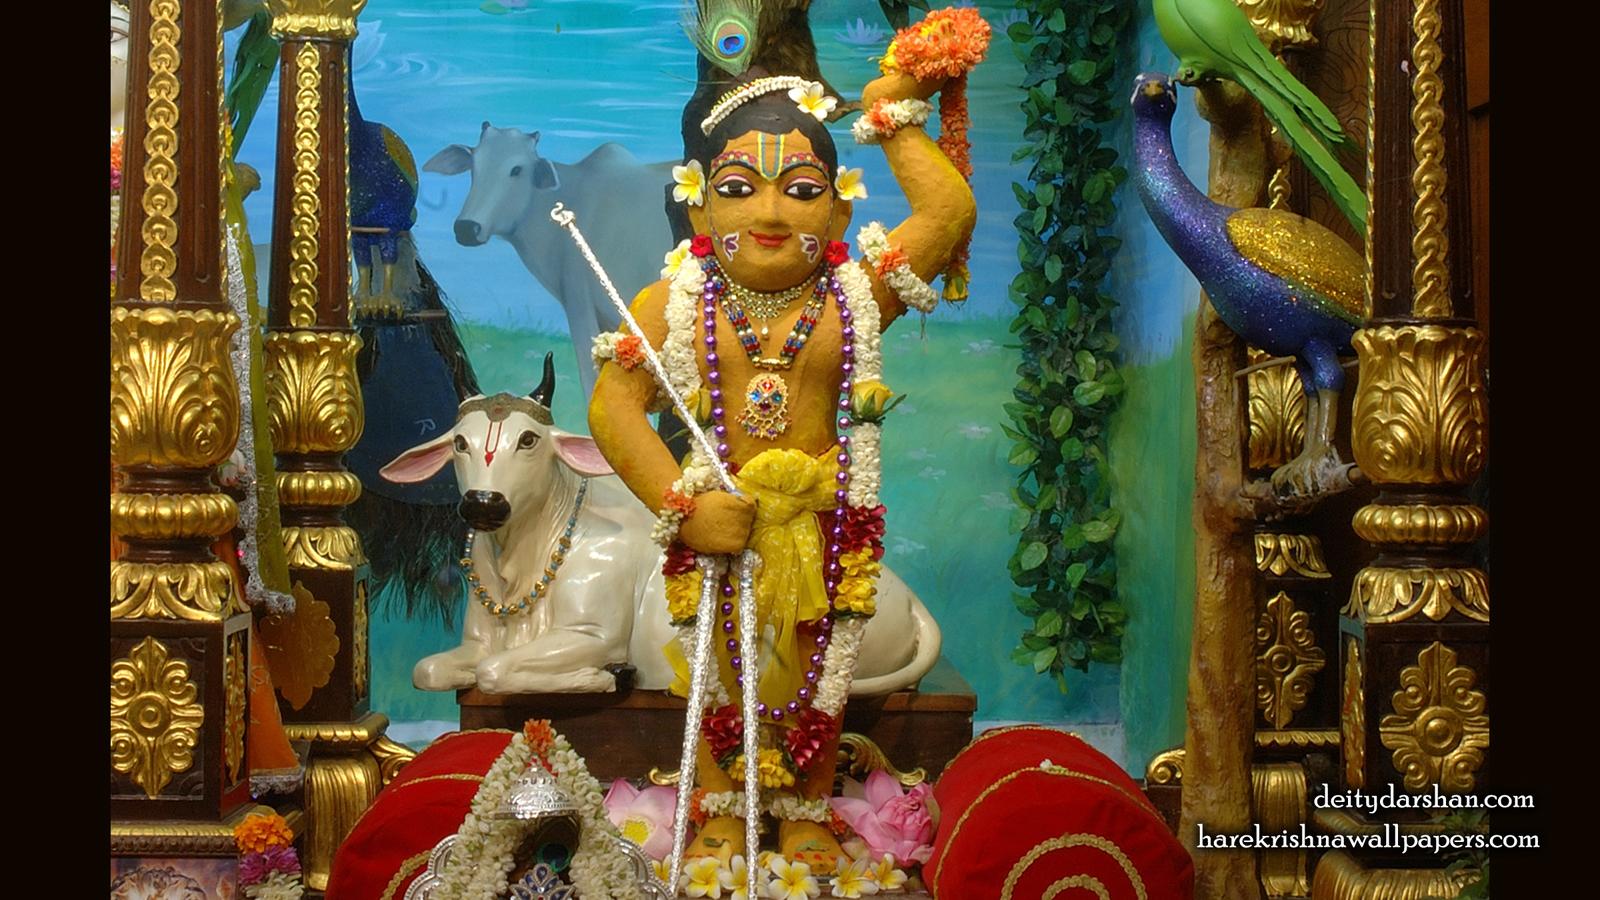 Sri Gopal Wallpaper (039) Size 1600x900 Download